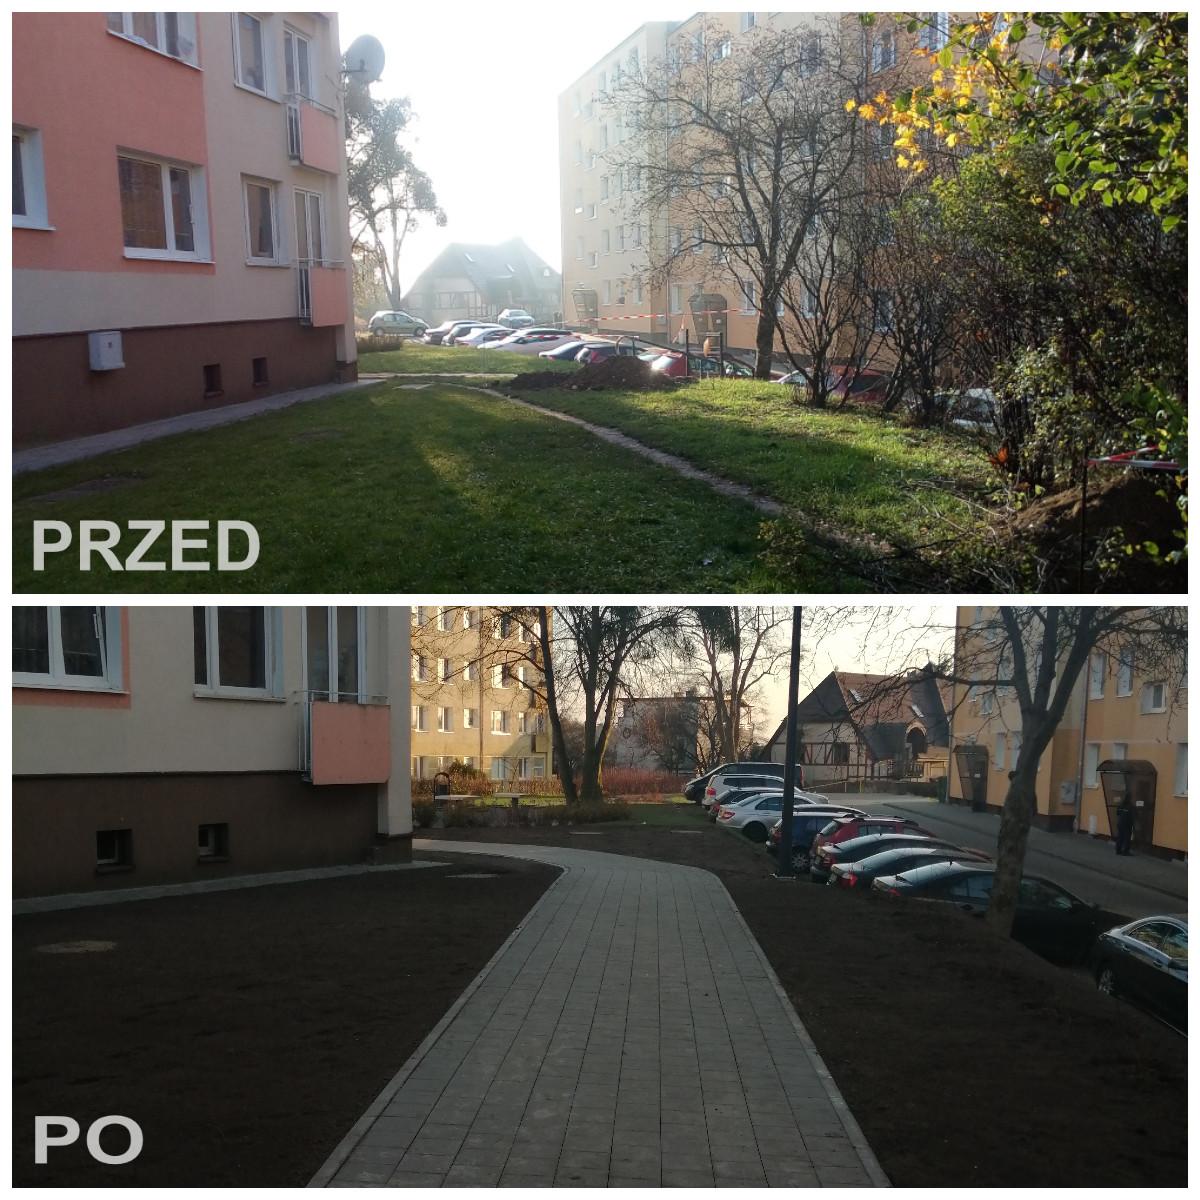 Ścieżka przzy ul. Powst. Śląskiego przed i po remoncie